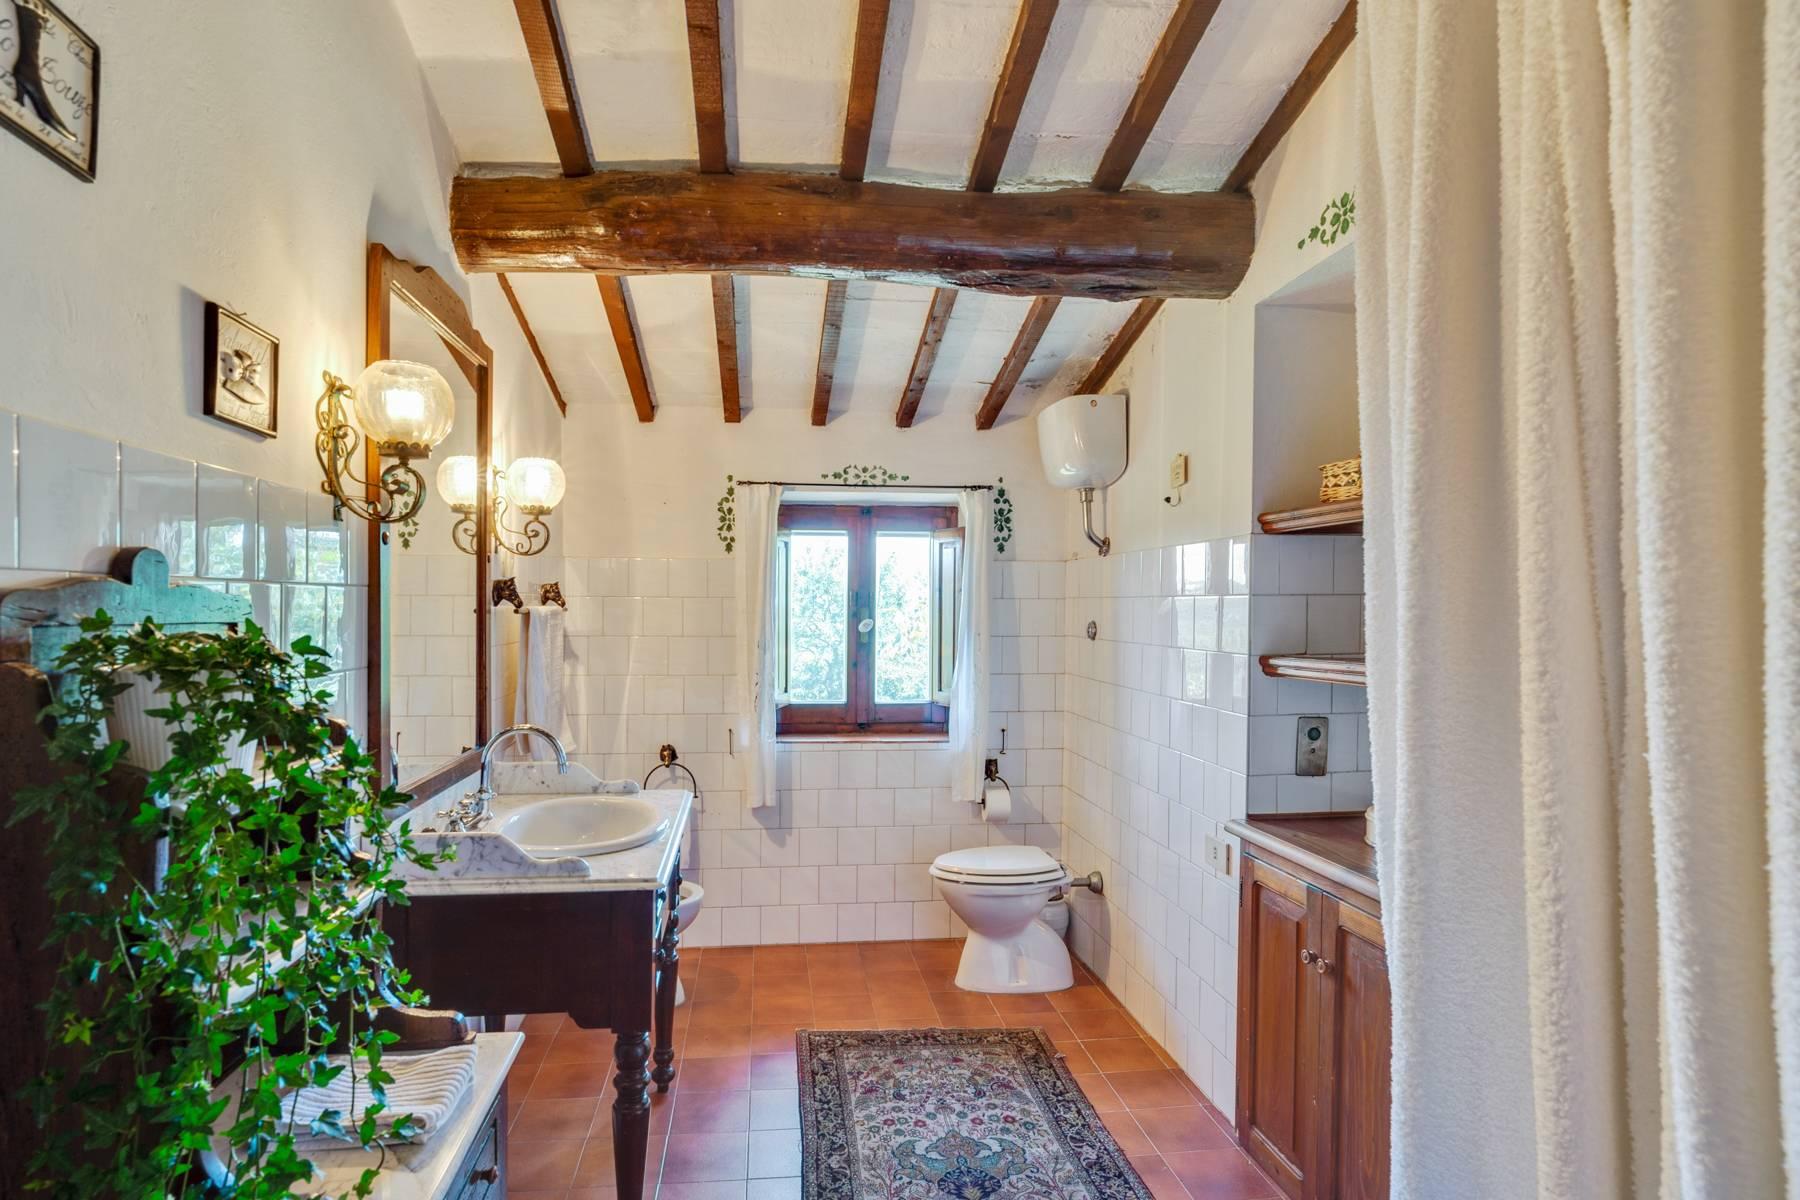 Rustico in Vendita a Orvieto: 5 locali, 484 mq - Foto 16